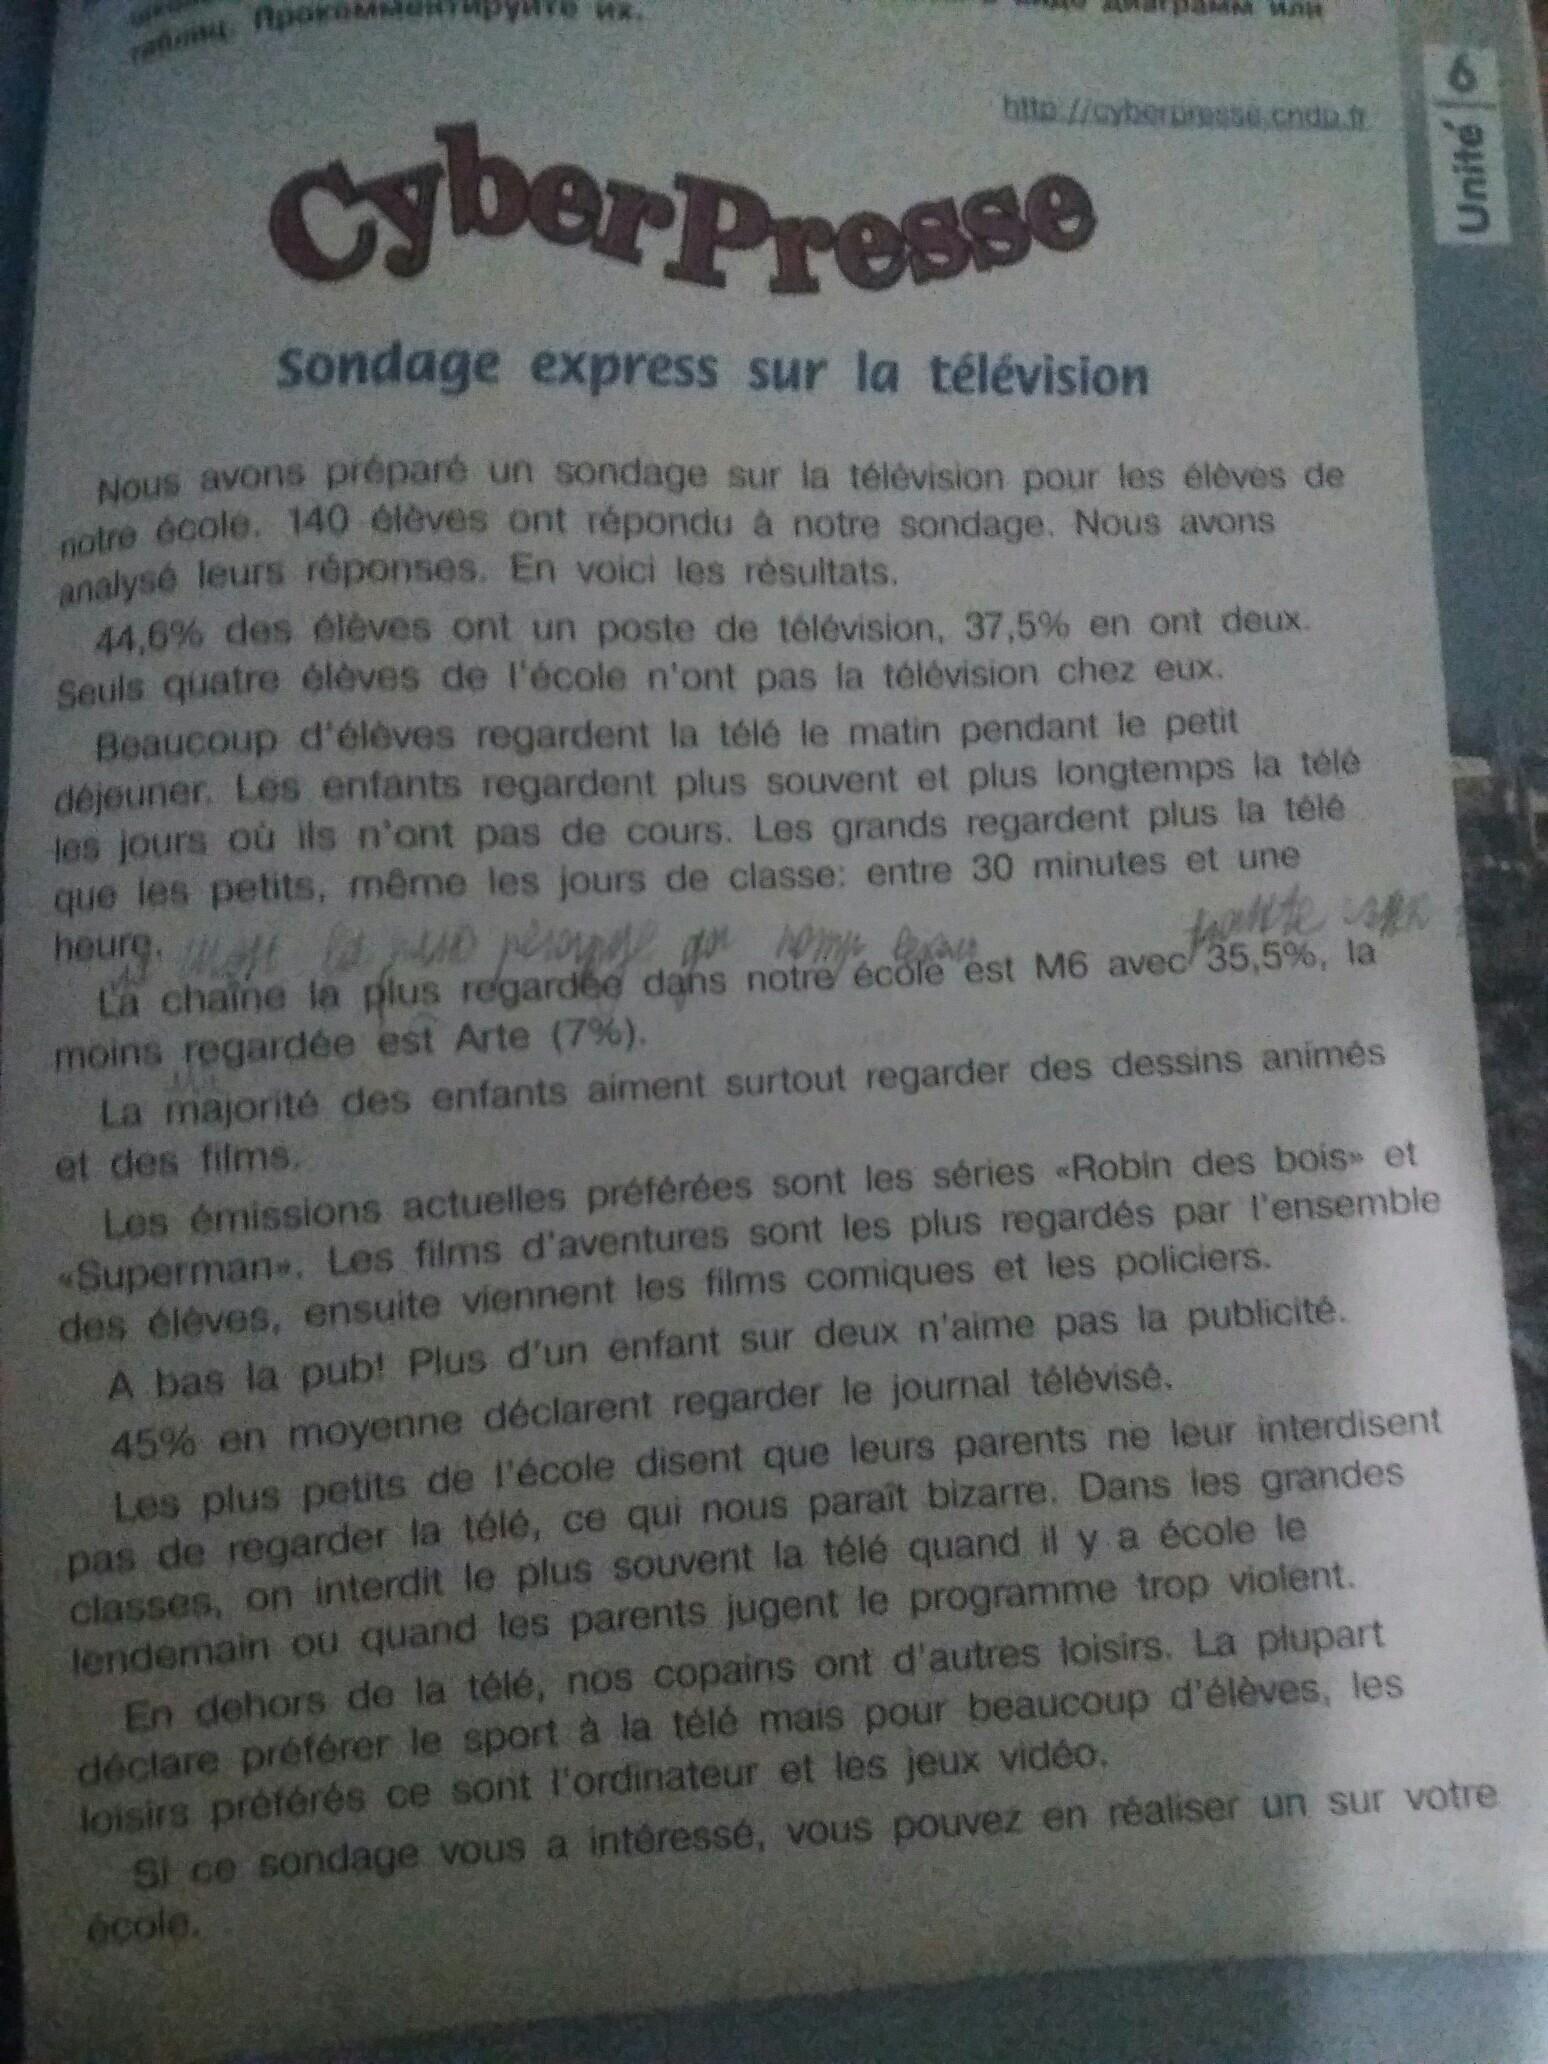 Перведите пожалуйста текст по французскому языку